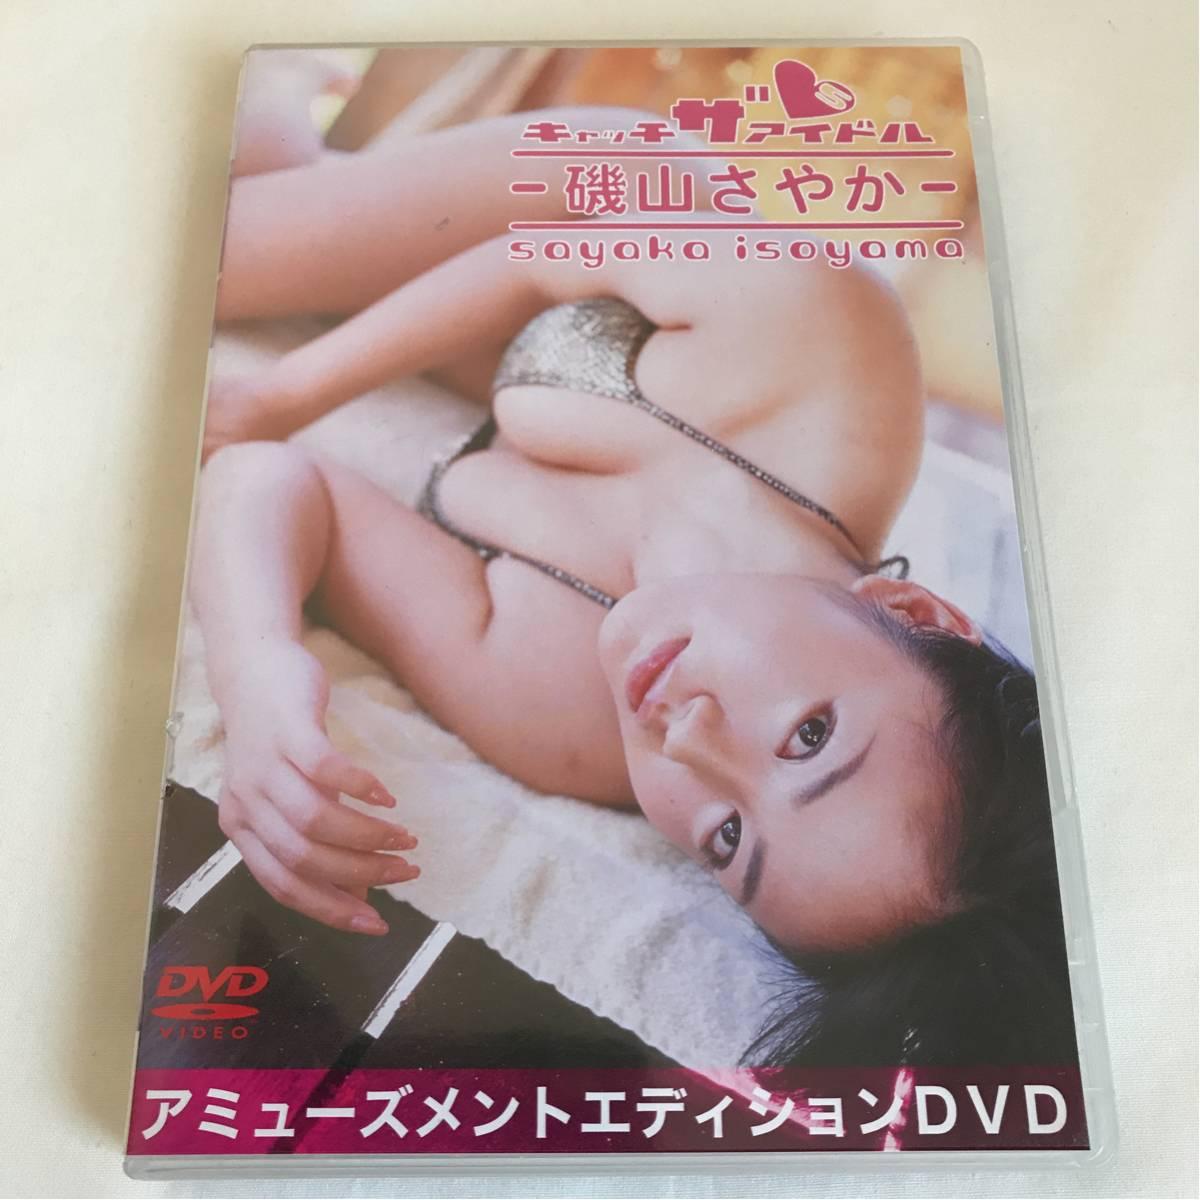 a3 ☆磯山さやか☆ キャッチ ザ アイドル DVD 非売品 アミューズ グッズの画像